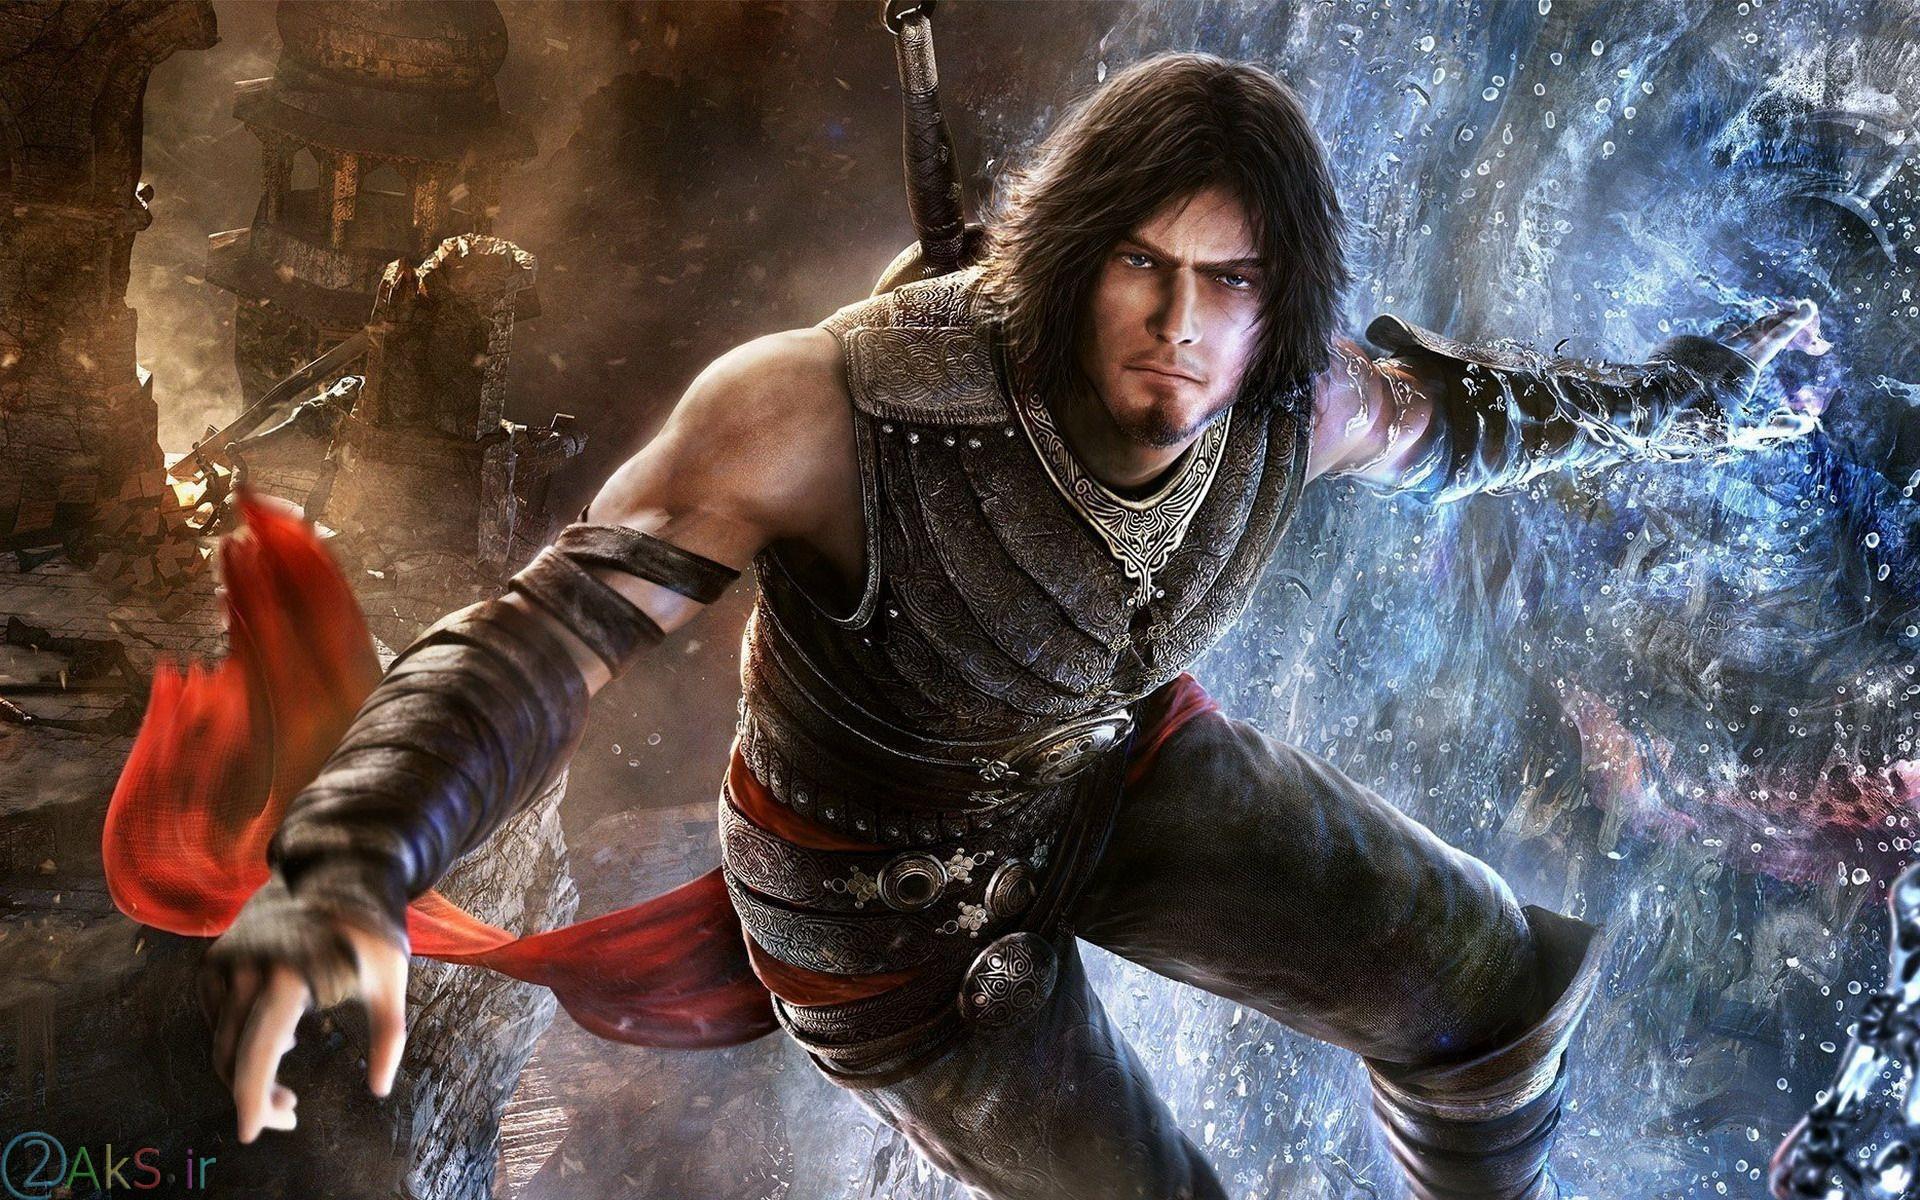 عکس بازی Prince of Persia 5